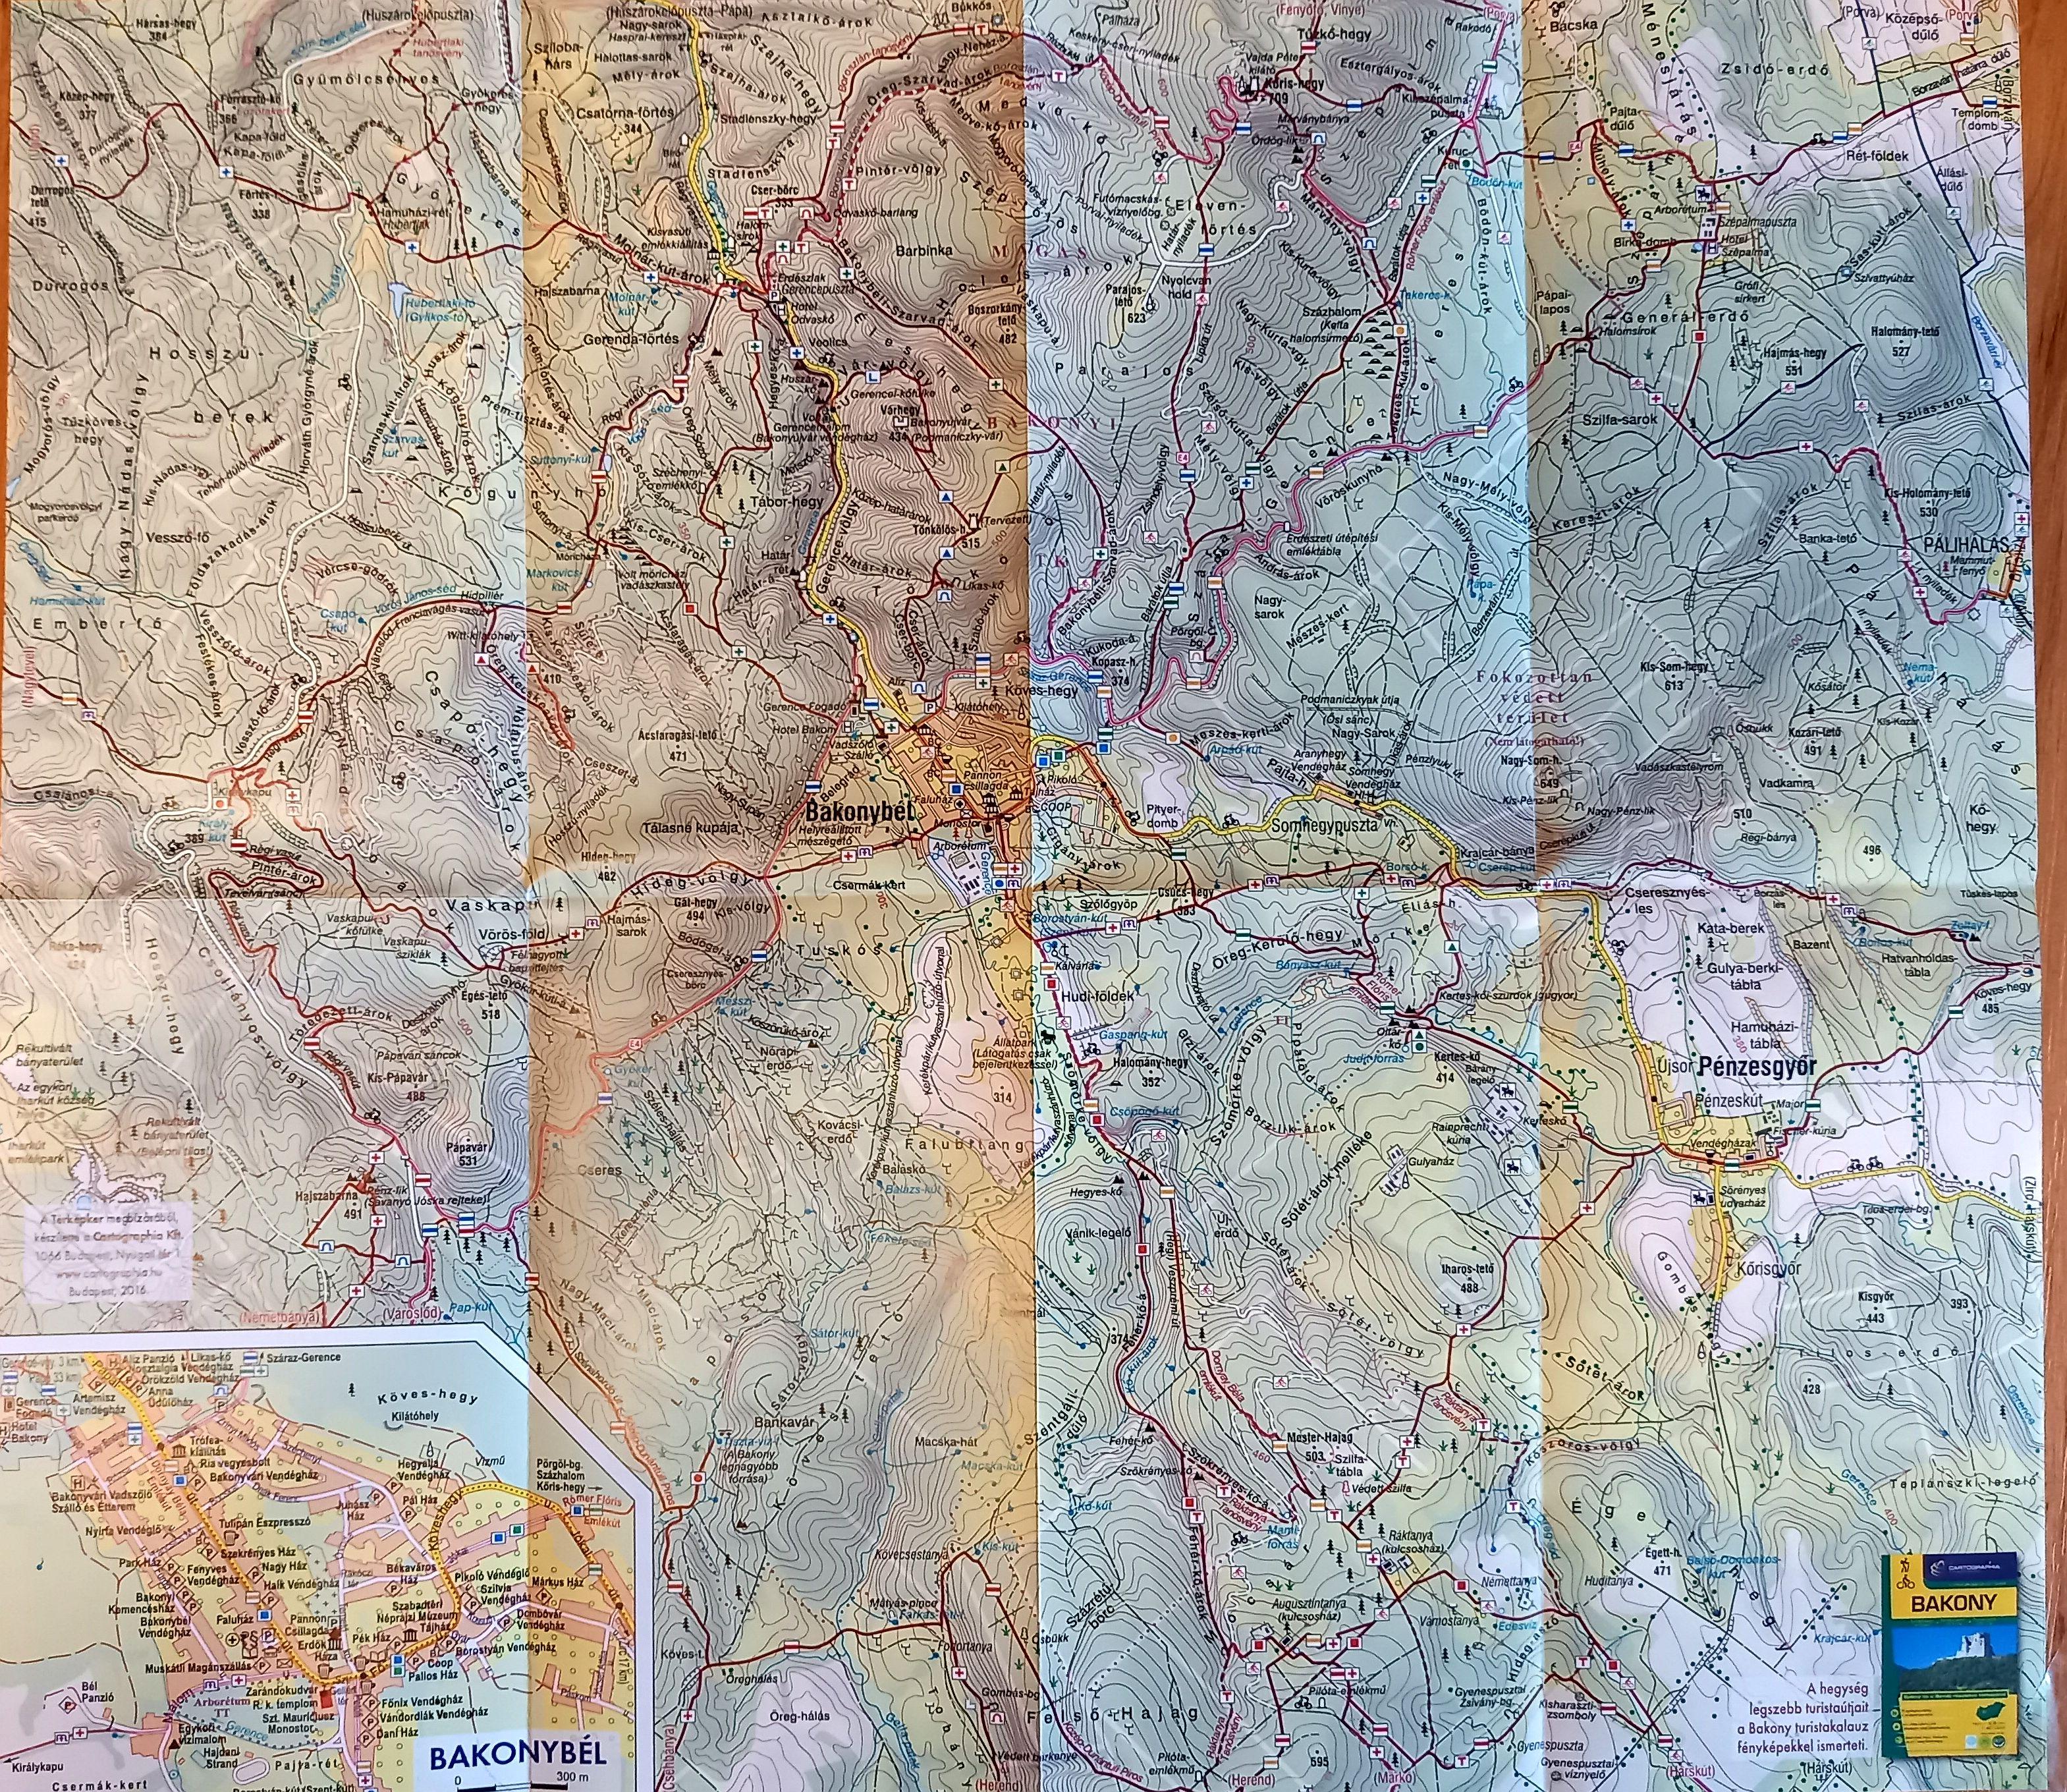 A bakonybél és környéke térkép által lefedett terület